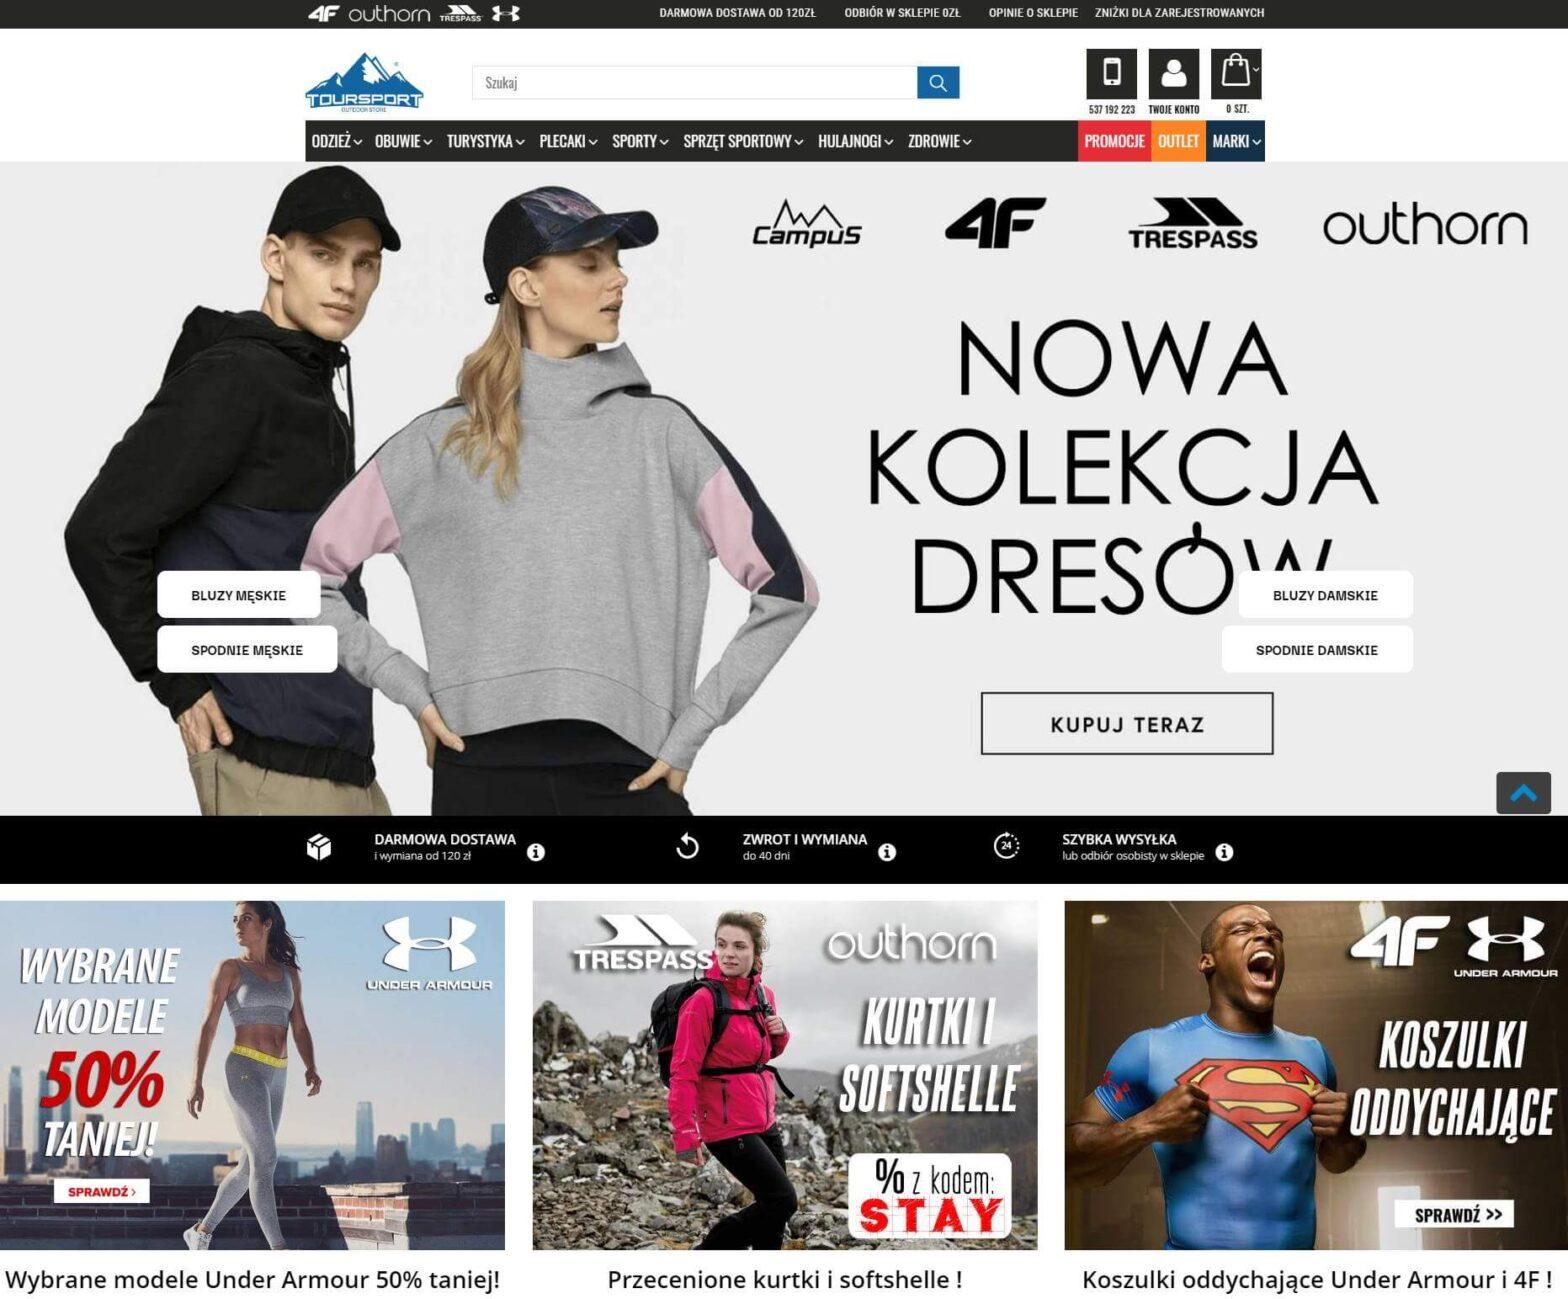 toursport.pl - sprzęt turystyczny i sportowy